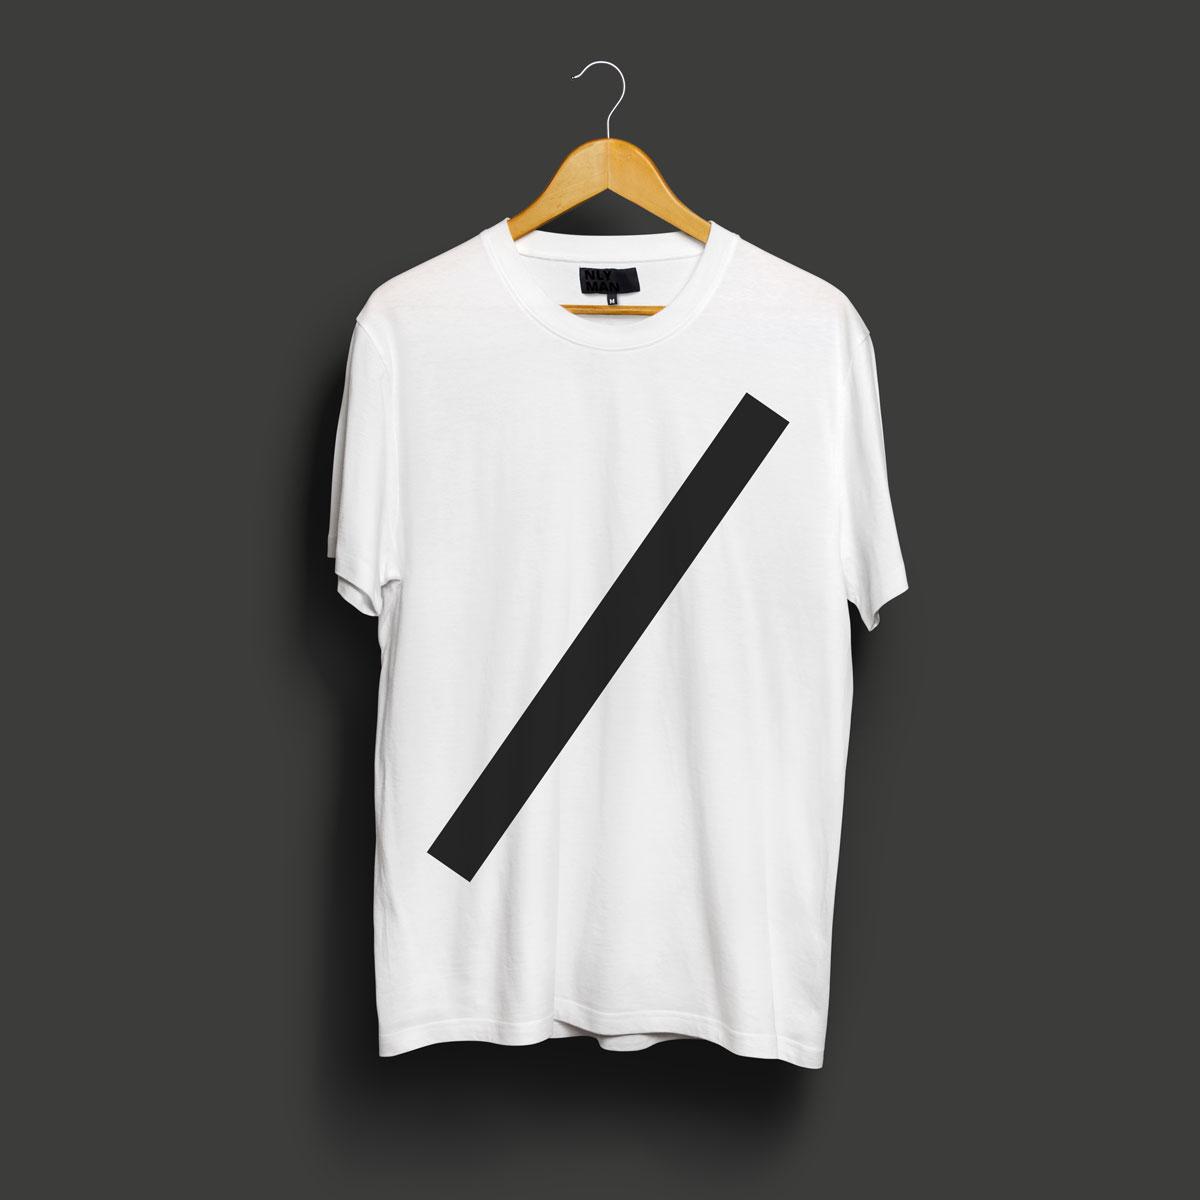 nly-man-tshirt.jpg